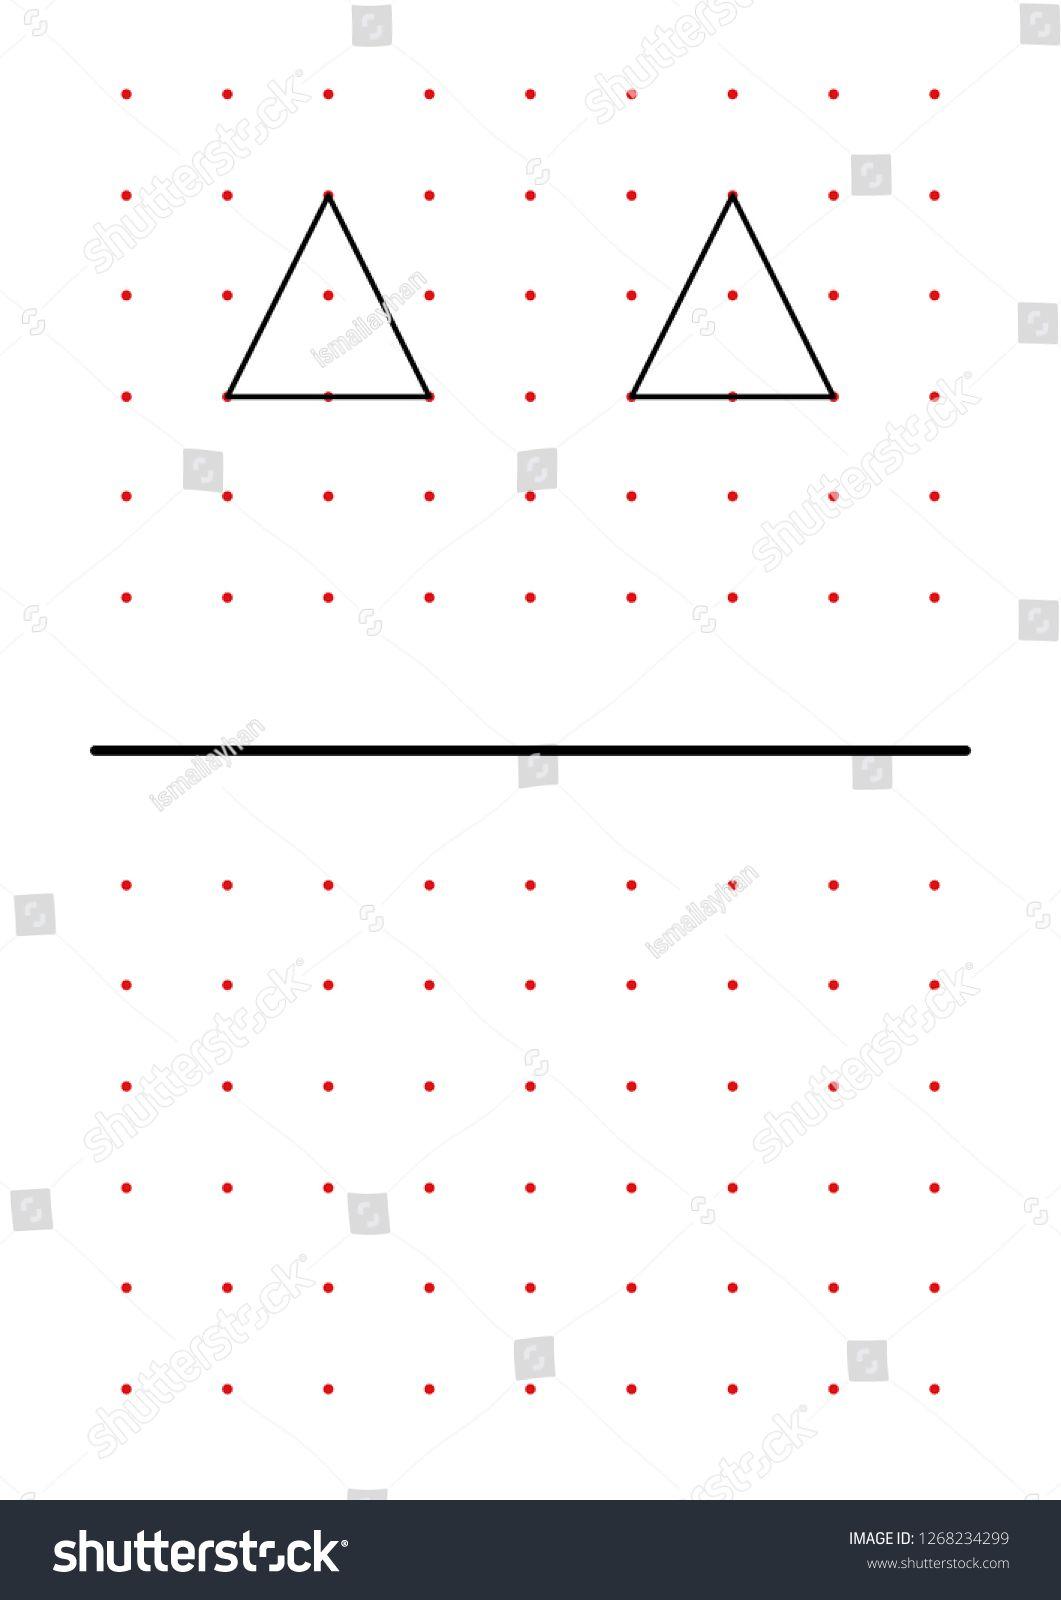 Educational Children Game Printable Worksheet For Children